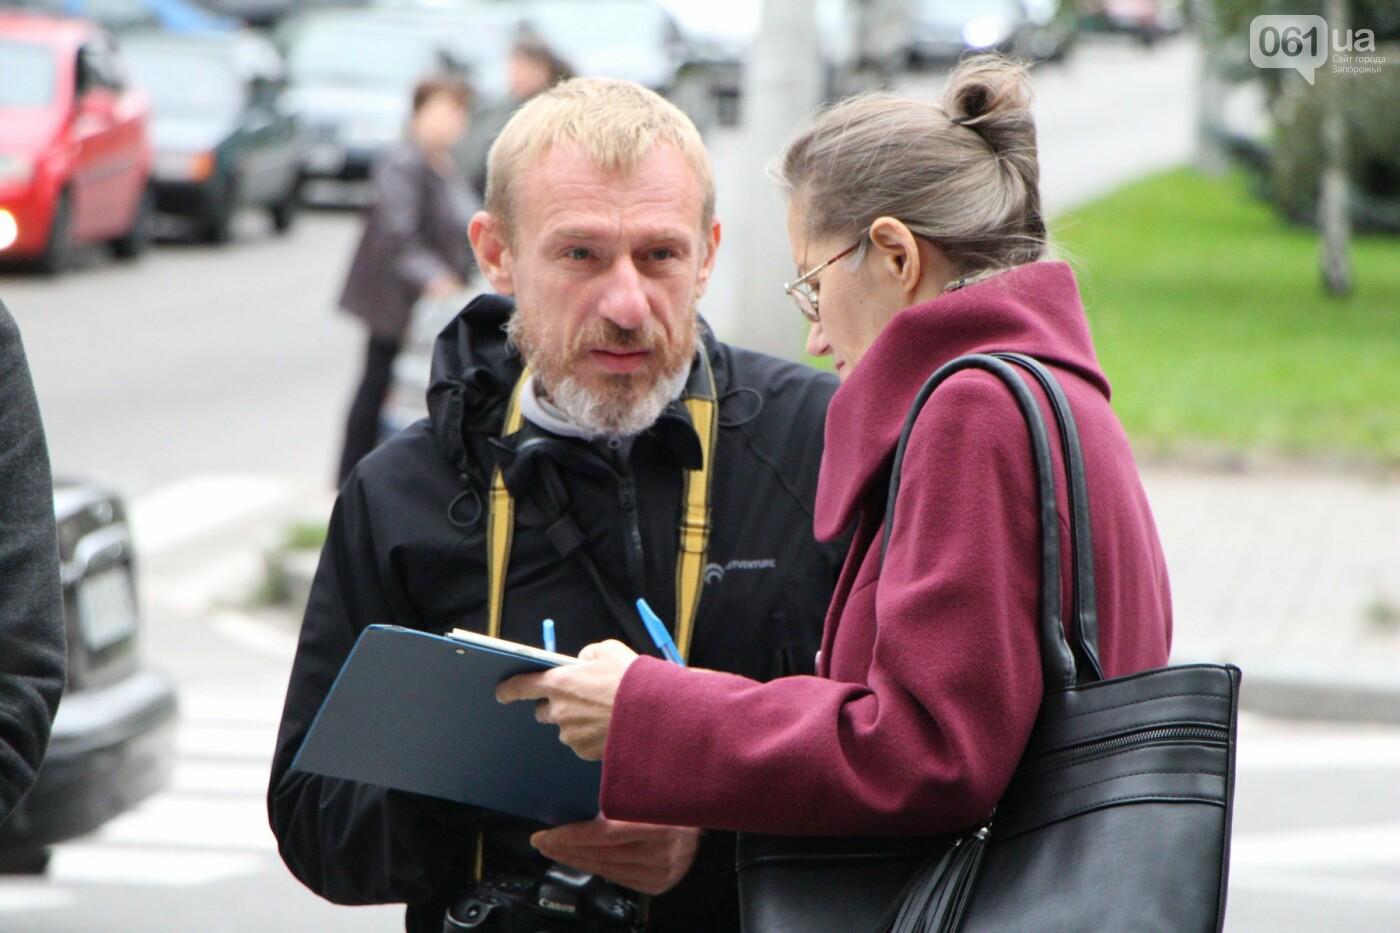 Активисты под прицелом: в Запорожье под зданием Нацполиции митинговали за расследование преступлений, - ФОТОРЕПОРТАЖ, фото-18